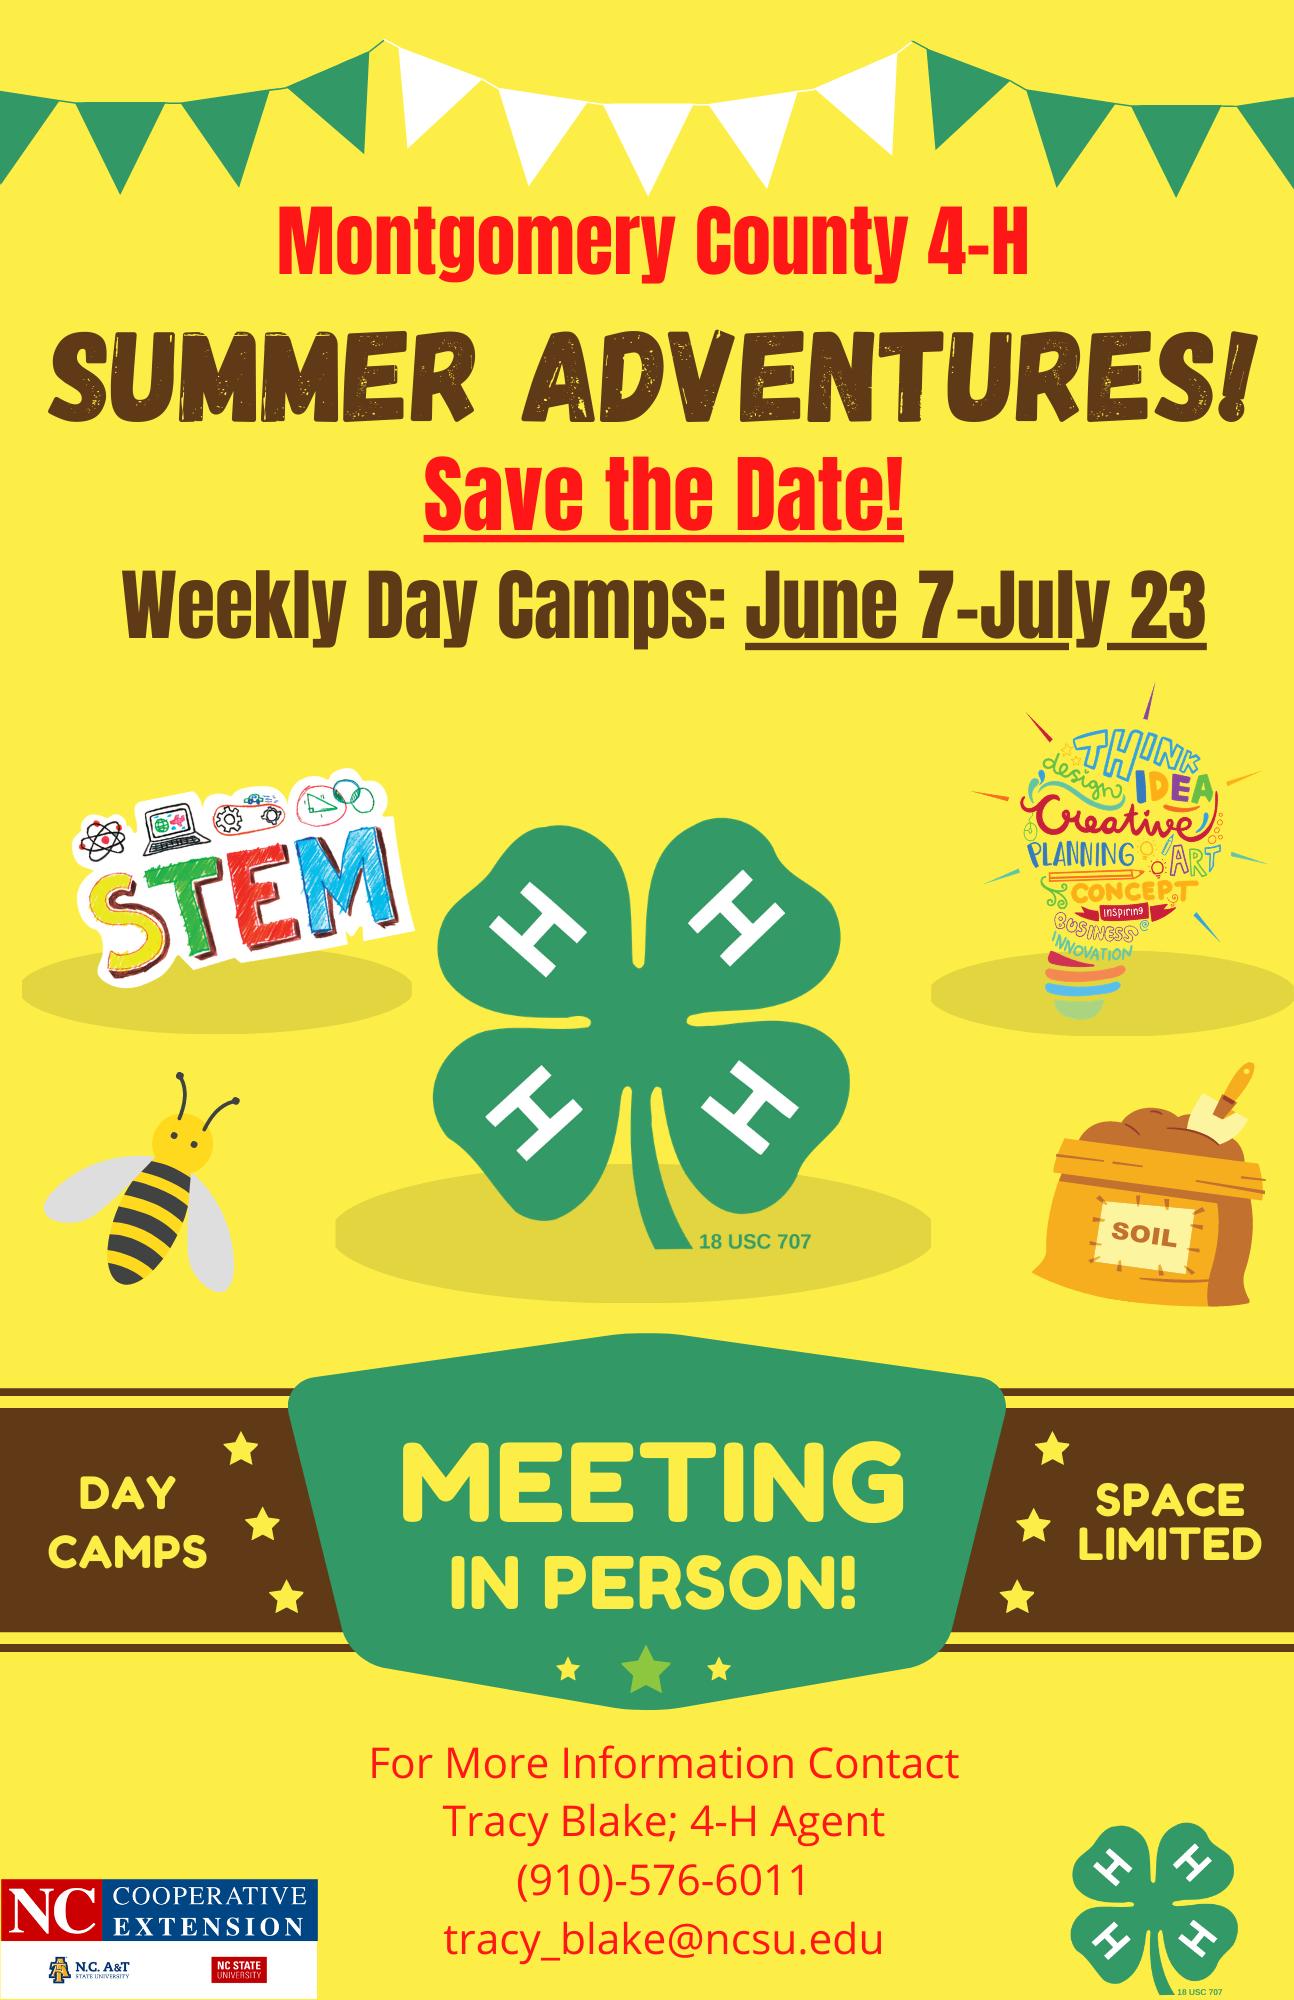 Summer Adventures flyer image